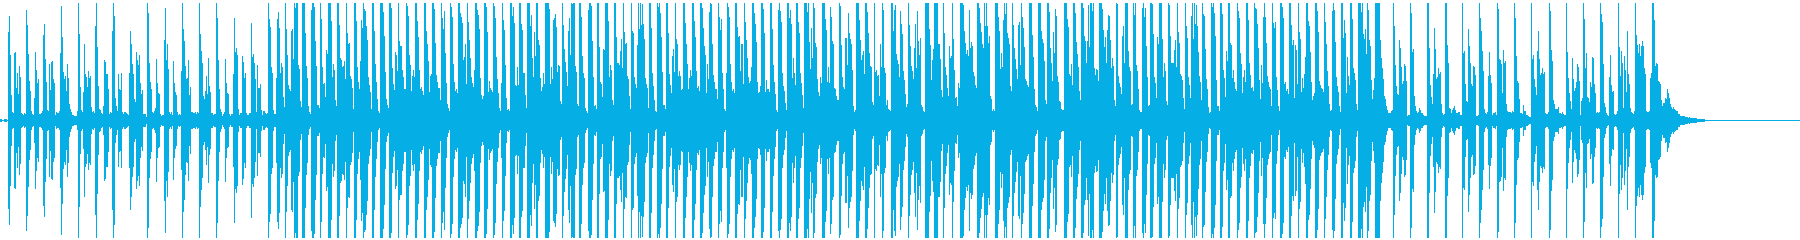 可愛いほのぼのとした口笛ソングの再生済みの波形